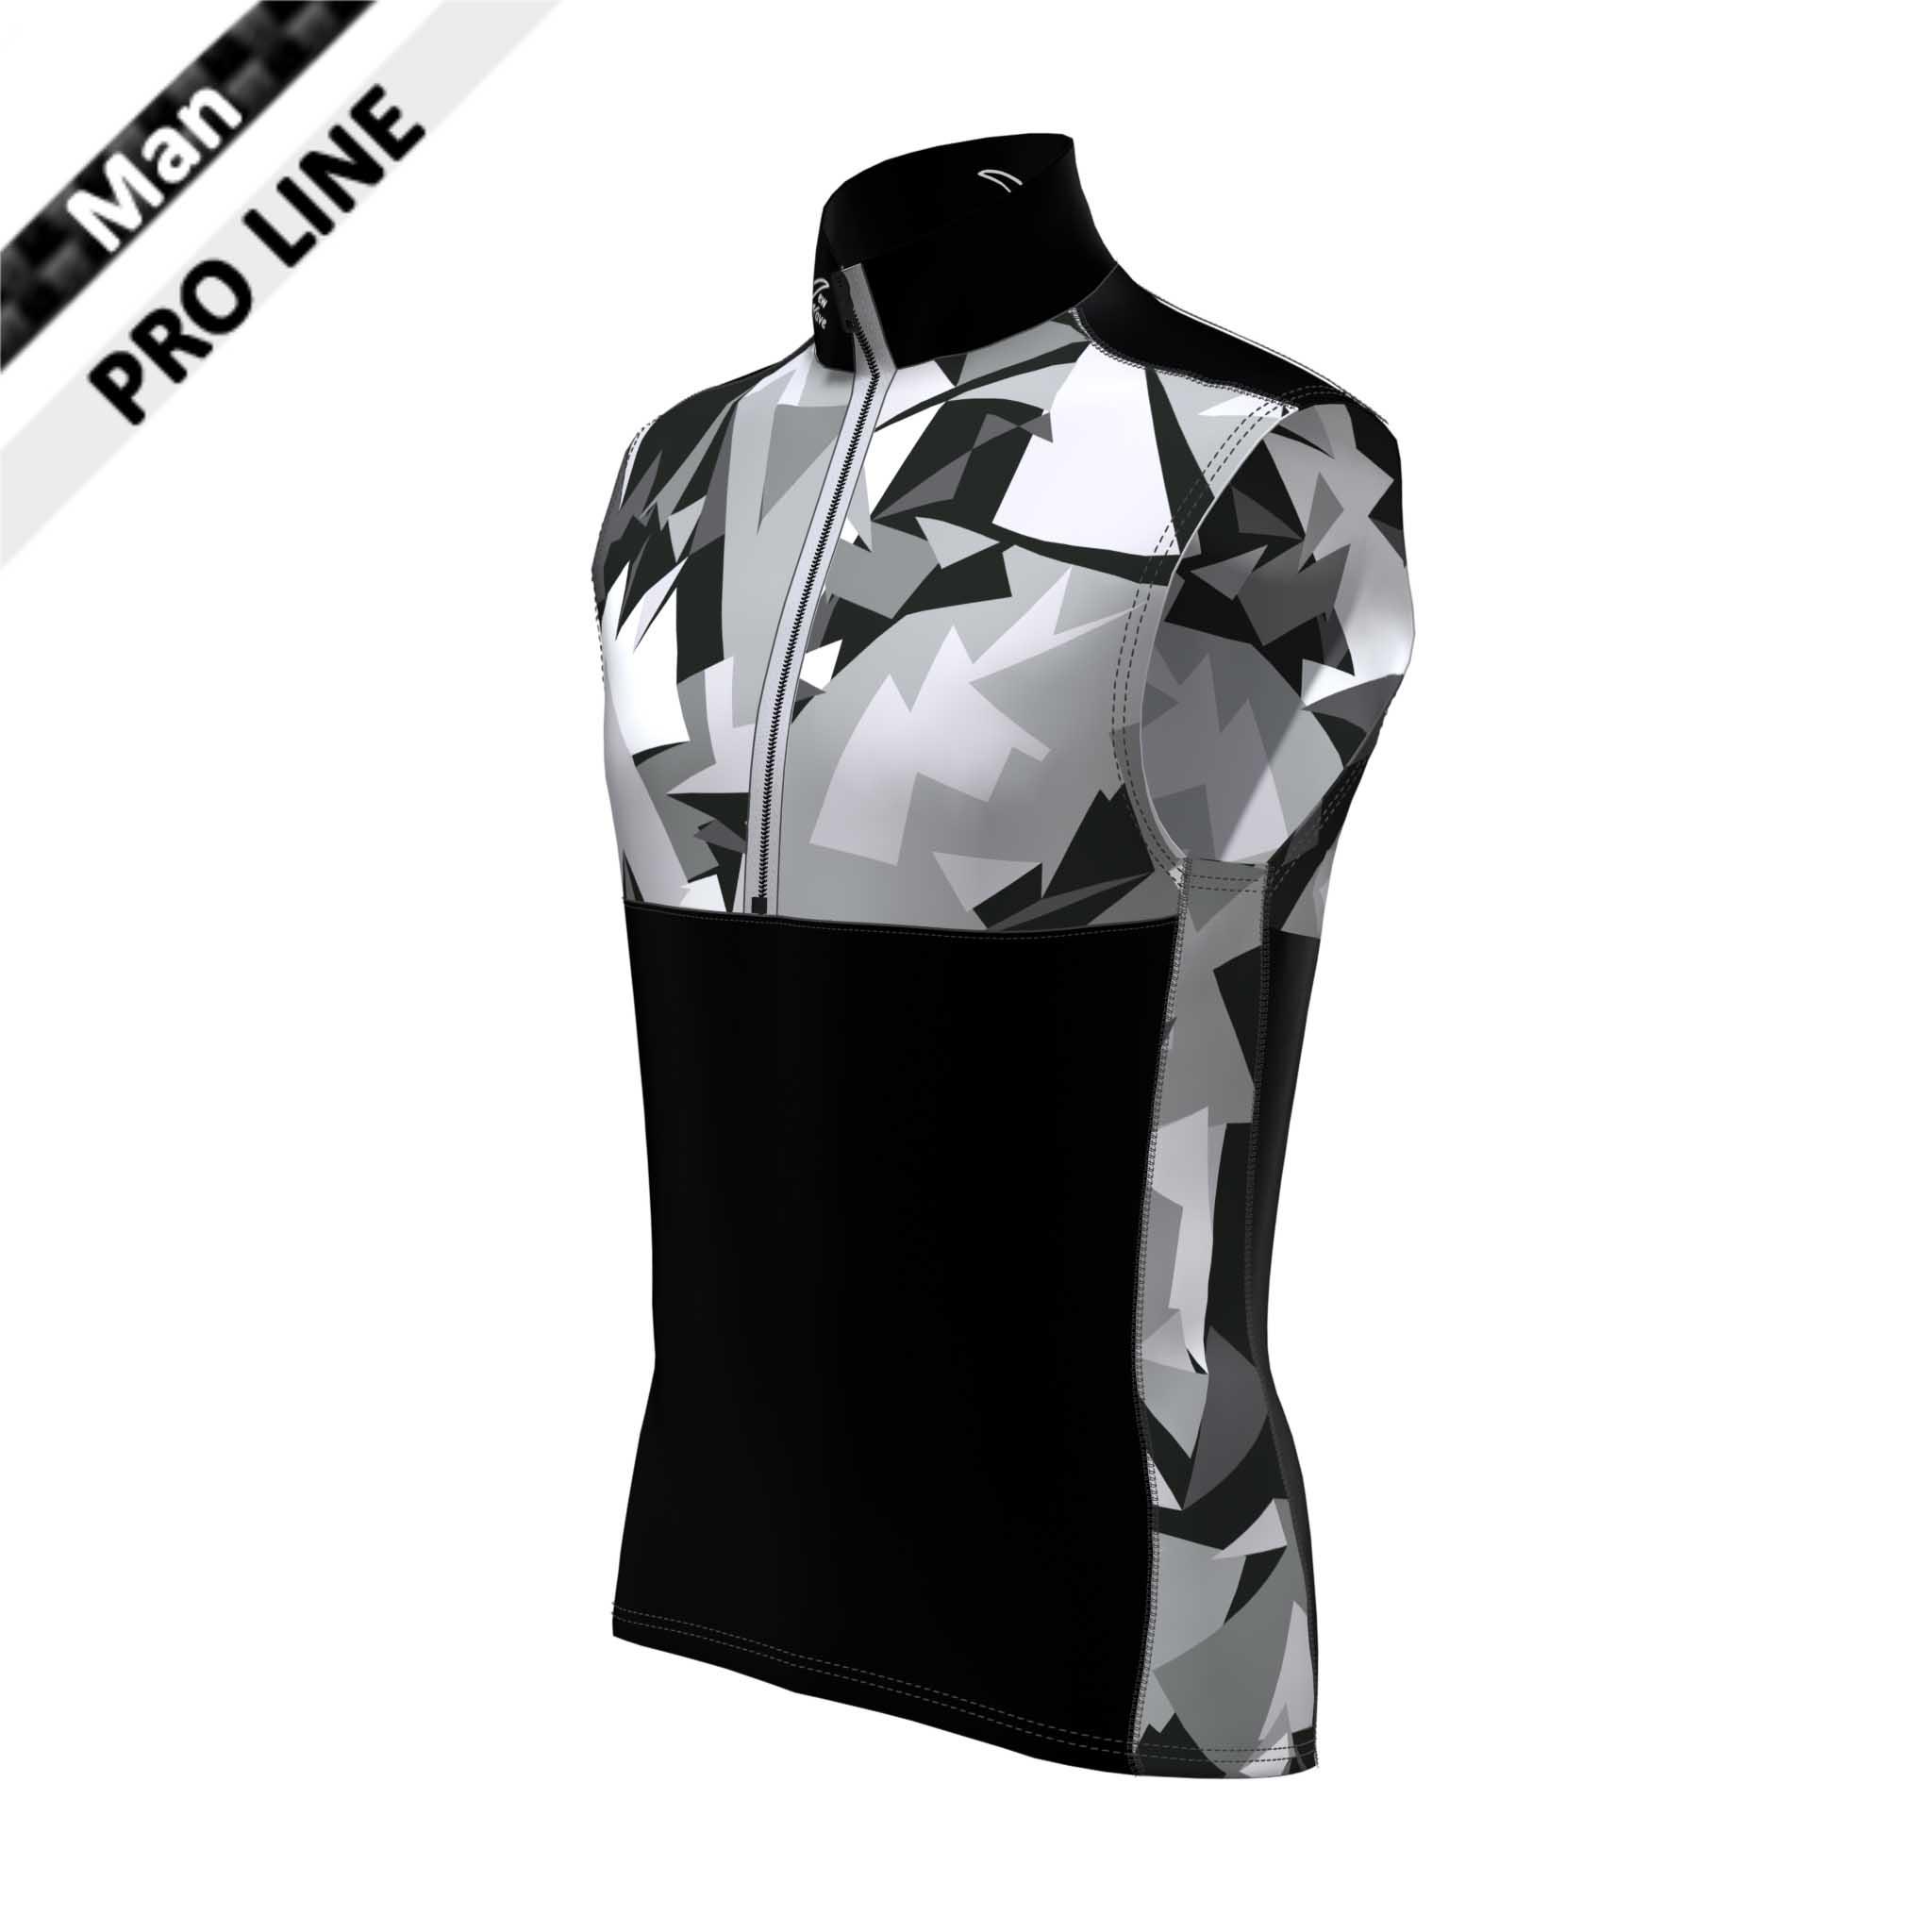 Pro Vest Man - Camouflage; Kragen, Schulter, Bauch, Rücken unten - schwarz / Brust, Rücken oben, Seitenstreifen - Camouflage